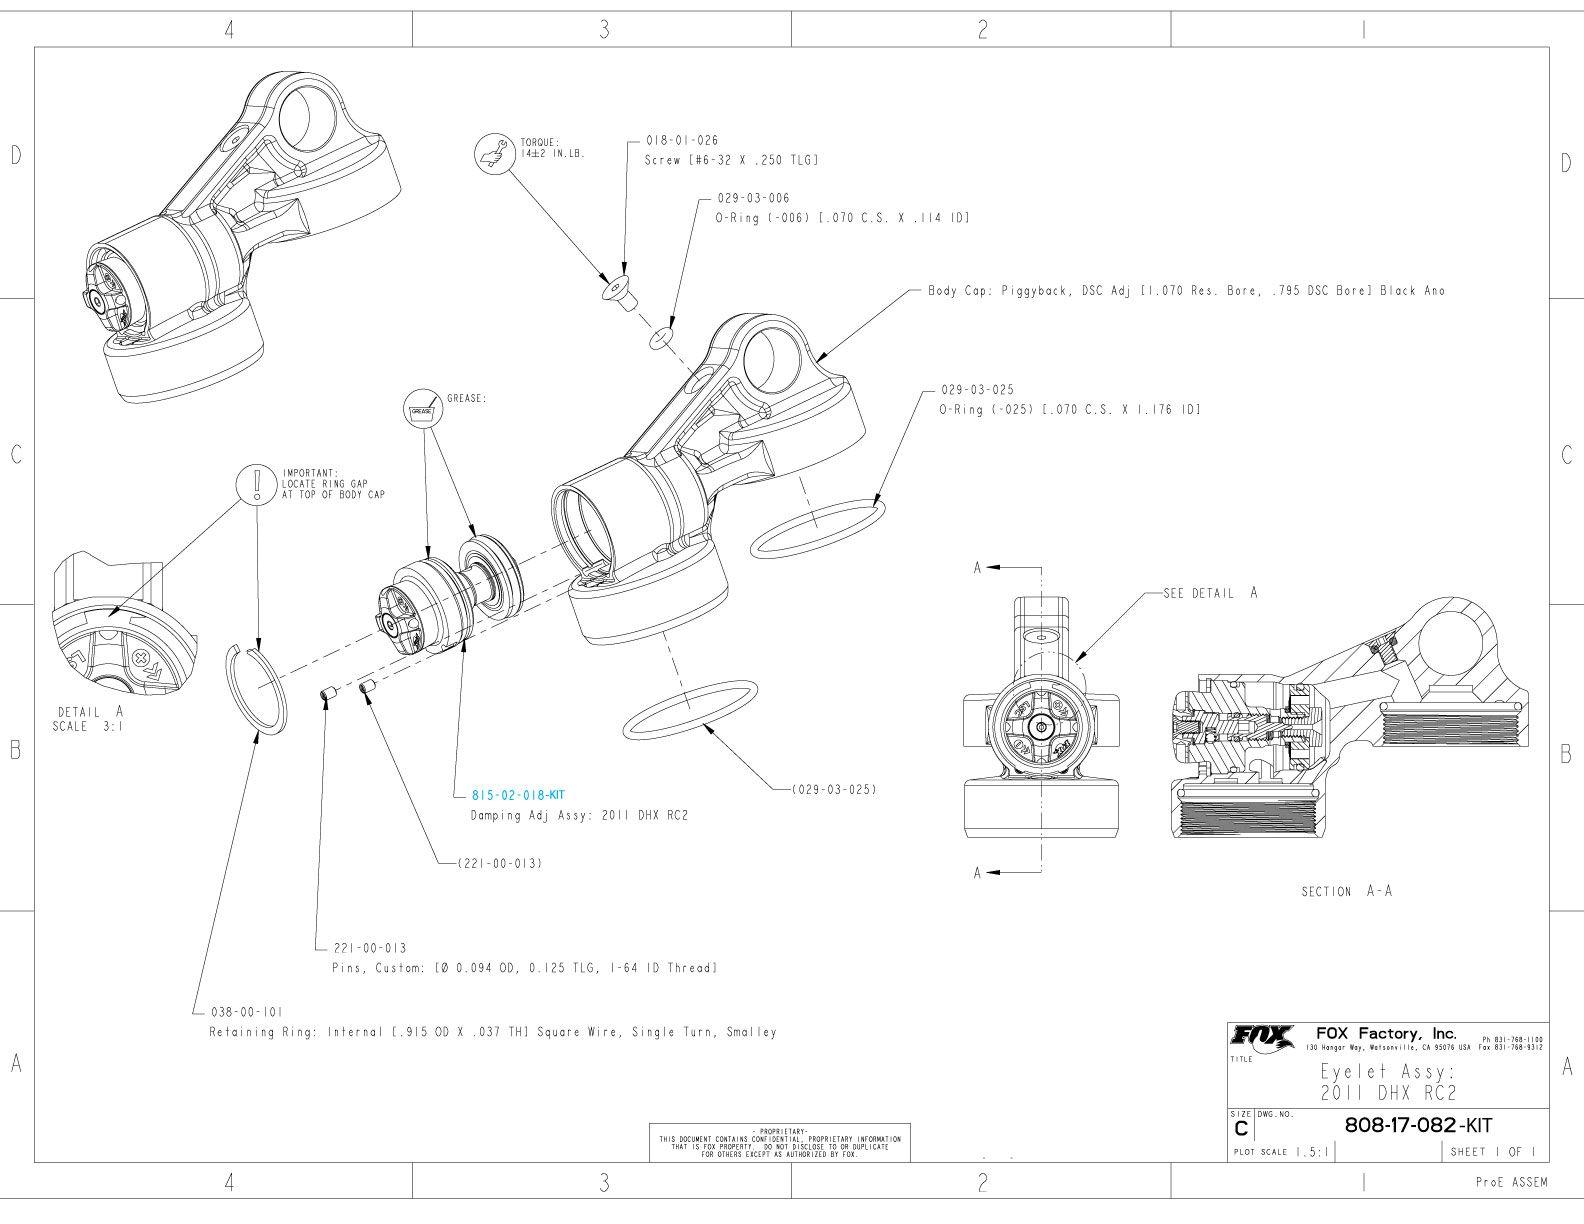 atv winch solenoid wiring diagram wiring diagram database 2500 Warn Winch Wiring Diagram rc4 wiring diagram auto electrical wiring diagram 4 post solenoid wiring diagram atv winch solenoid wiring diagram